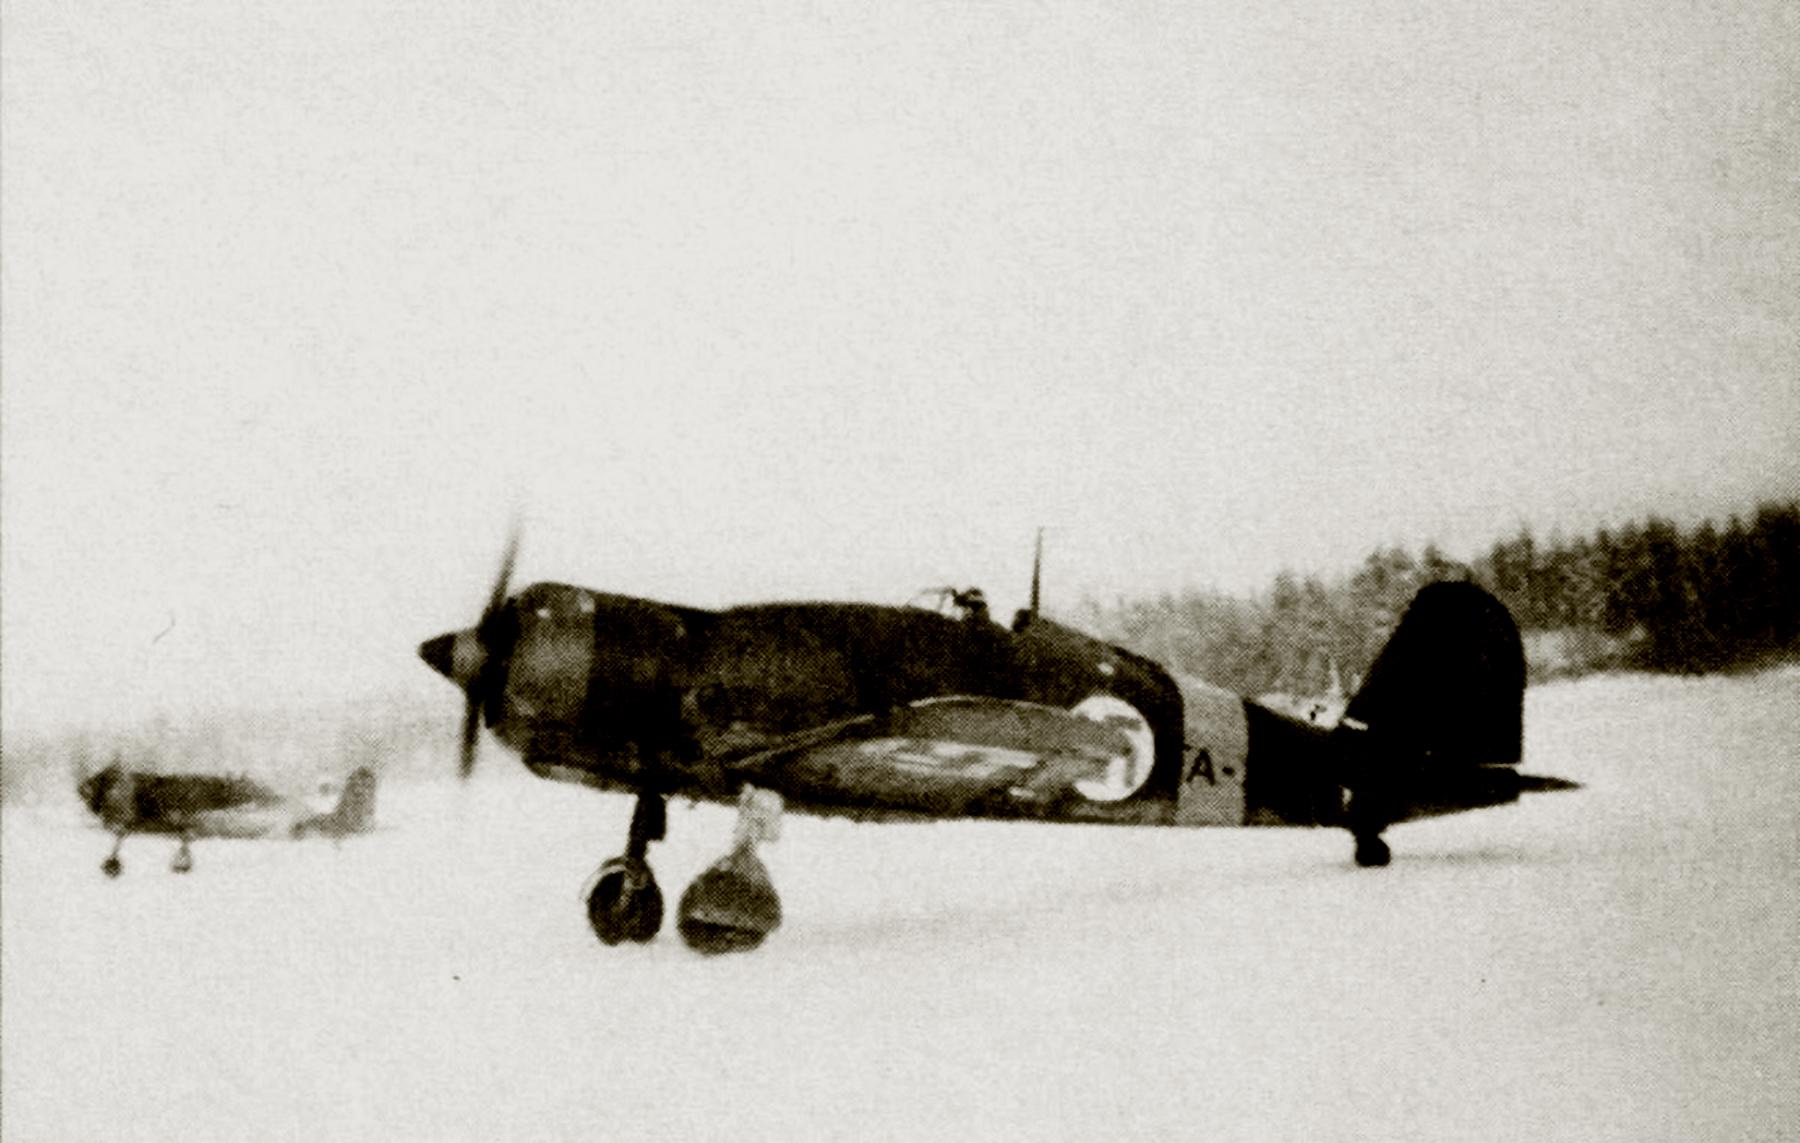 Fiat G50 Freccia FAF 3.LeLv26 FA25 MM3614 Olli Puhakka MM3614 and FA15 Kilpasilta Dec 1942 Revi 29 P20